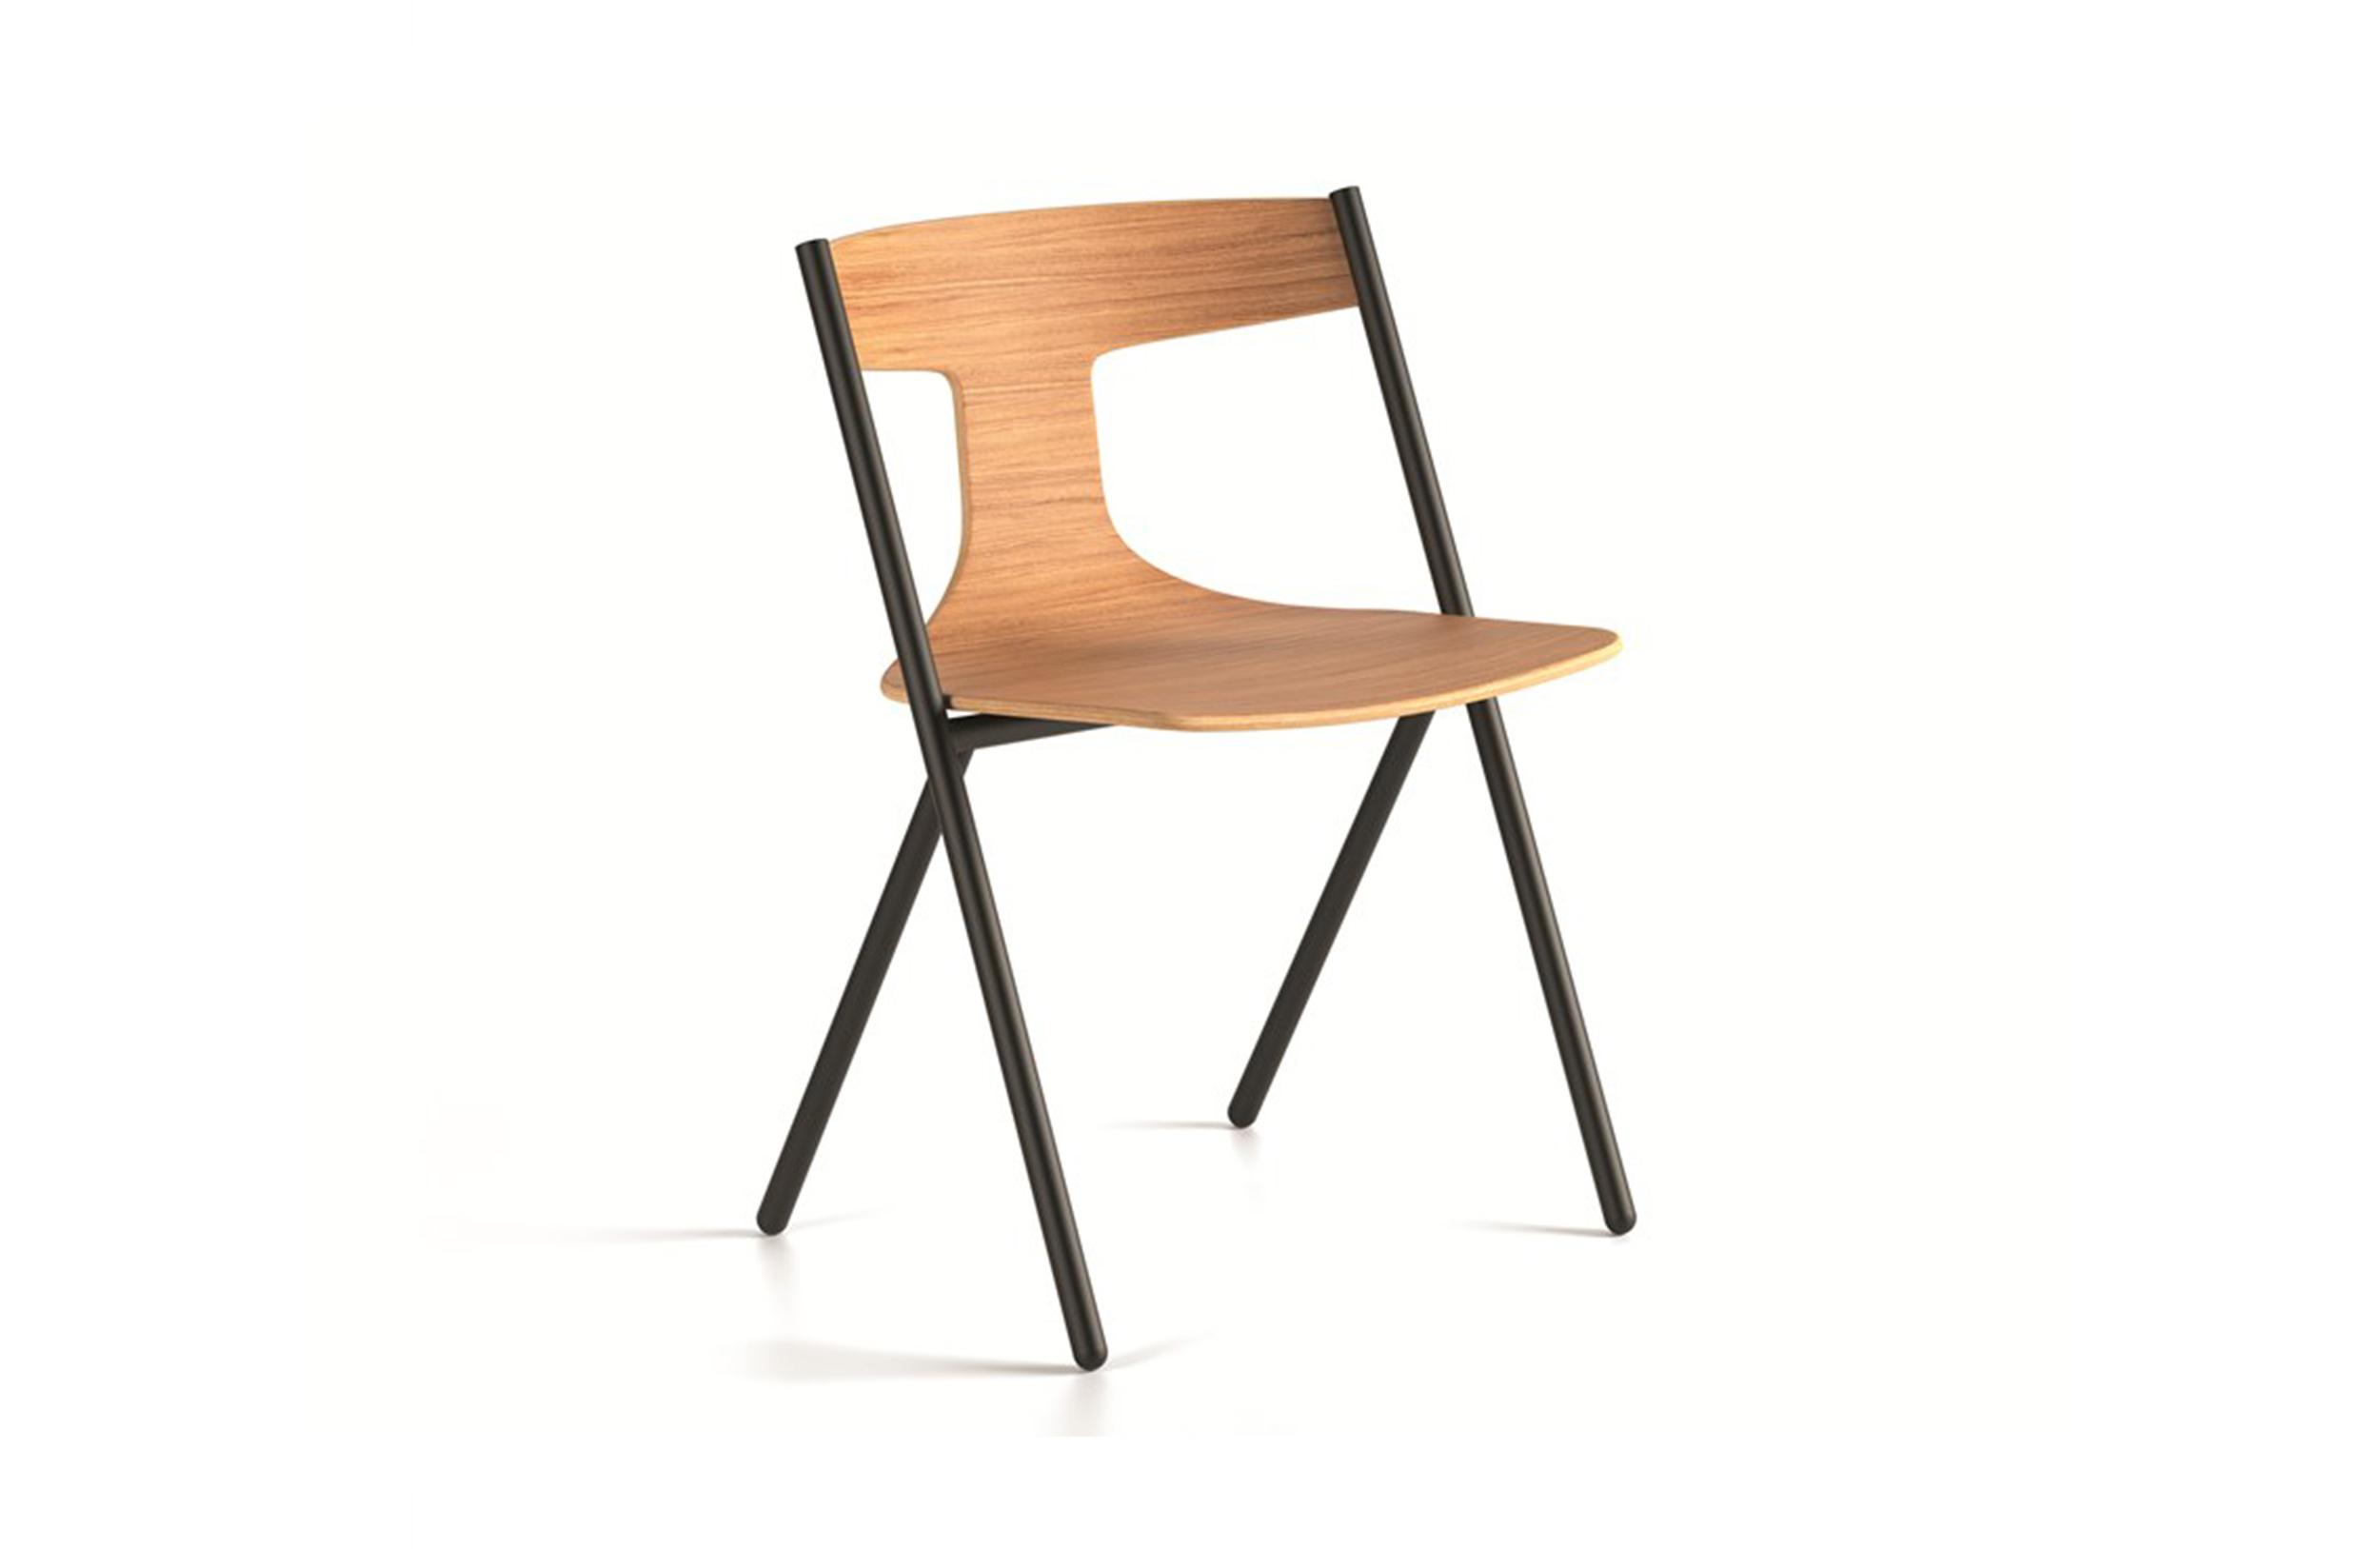 教育/培训家具 培训椅/折叠椅 创意家具 现代家居 时尚家具 设计师家具 定制家具 实木家具 QUADRA餐椅/洽谈椅